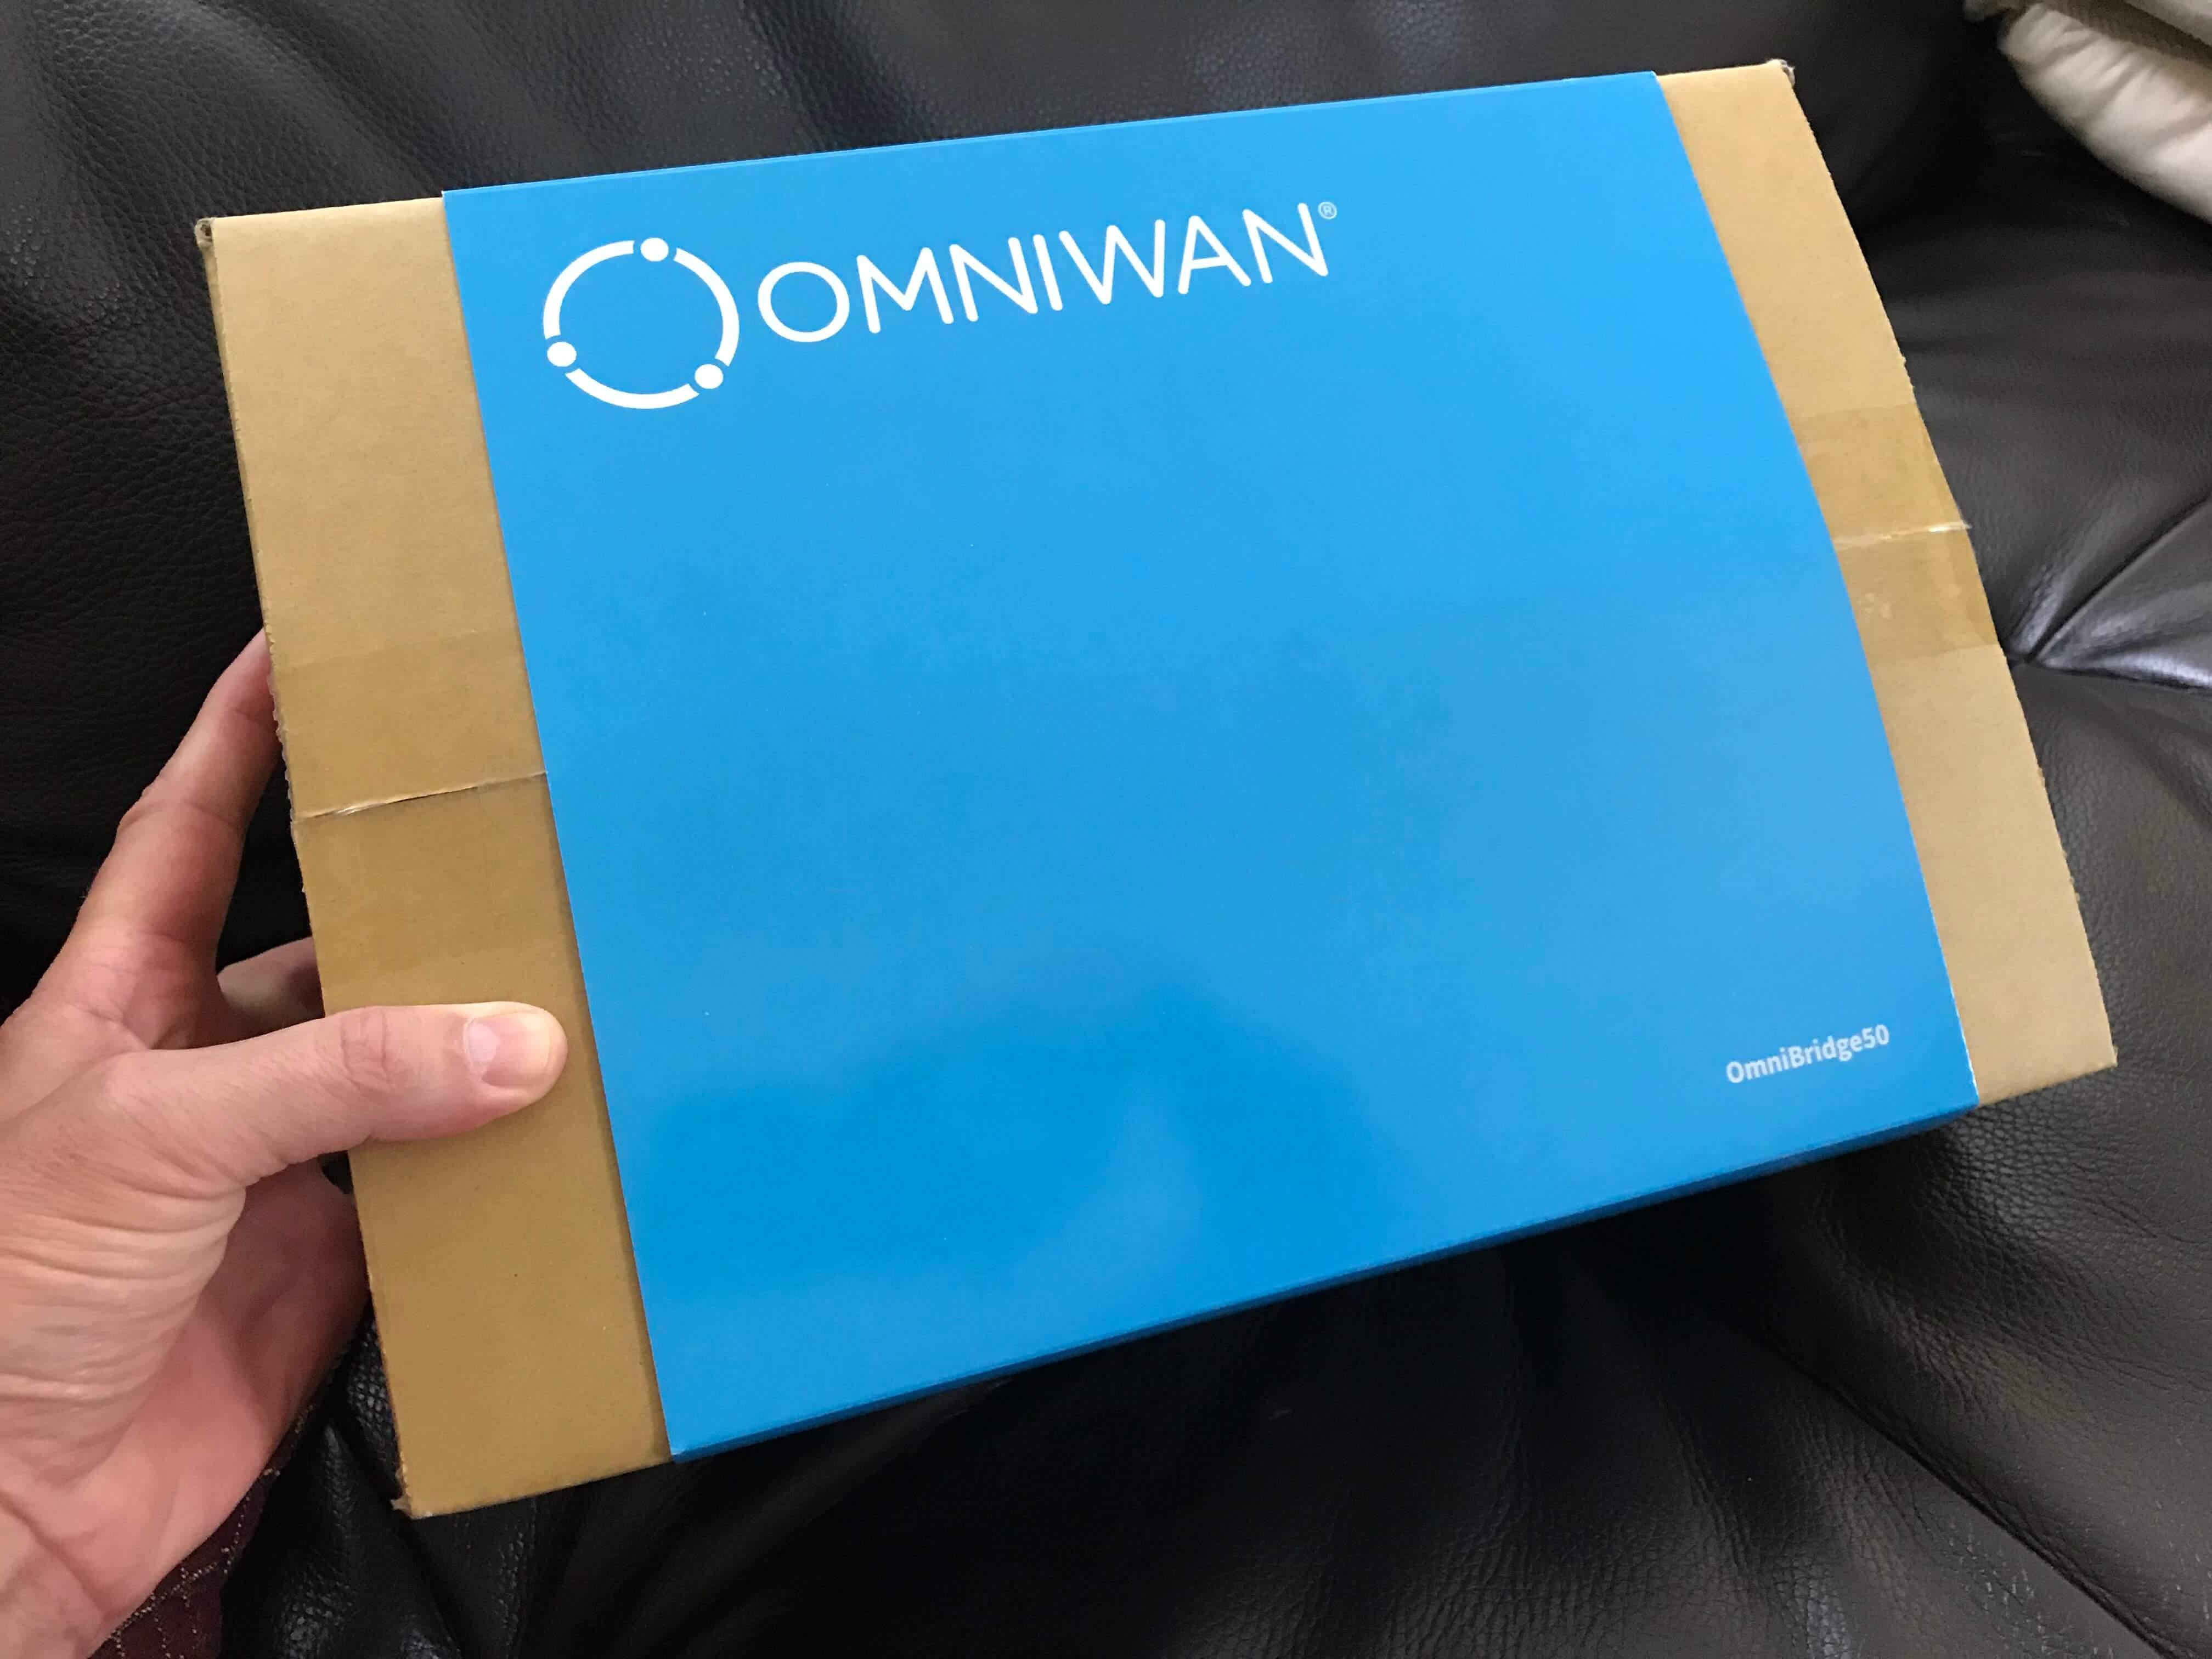 MDS OmniWAN box_3230.jpg